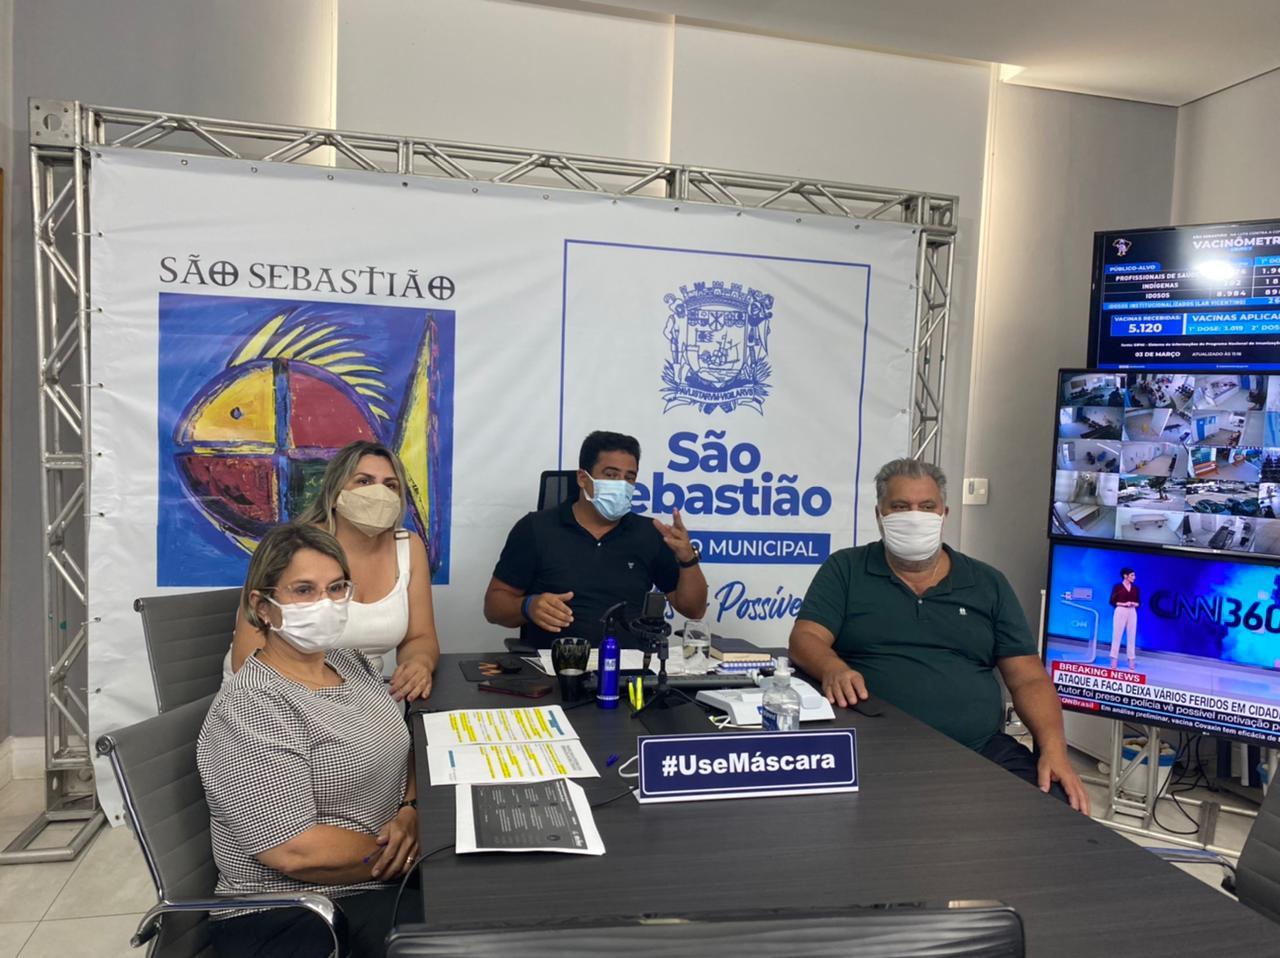 São Sebastião seguirá plano do governo estadual e retornará à fase vermelha